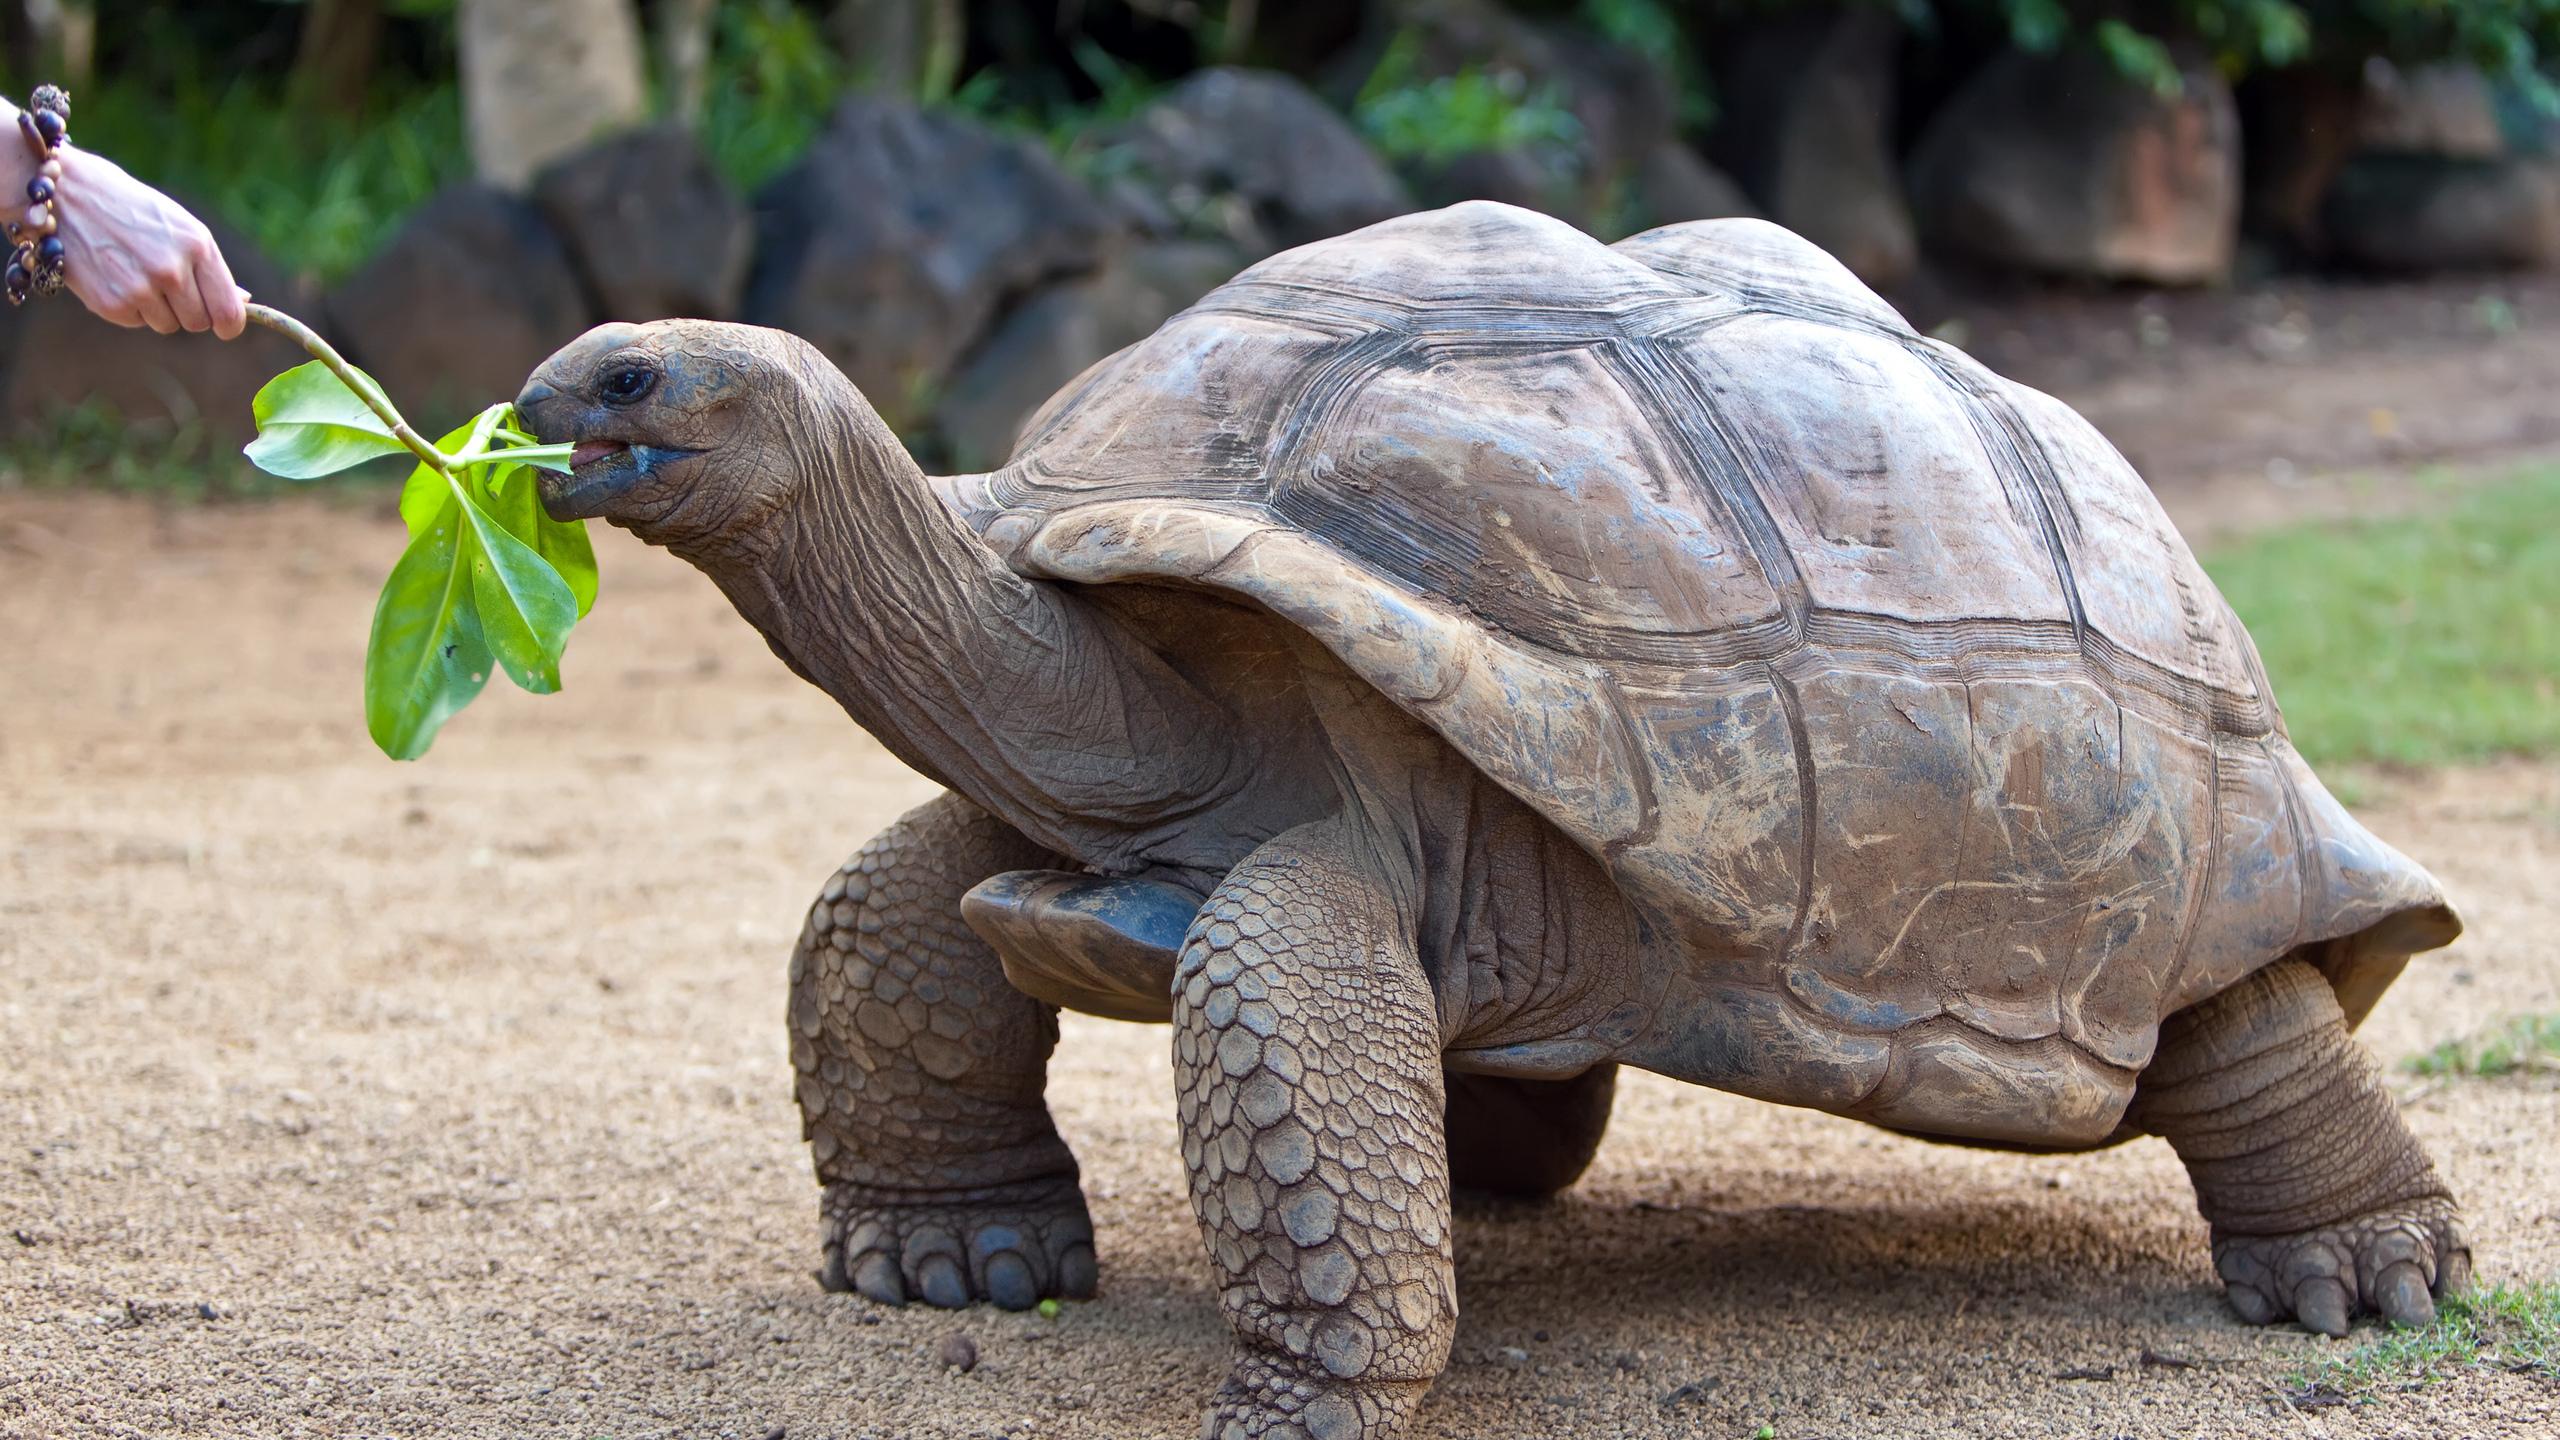 Вес пресмыкающихся достигает 250 кг, а продолжительность их жизни составляет 150 лет